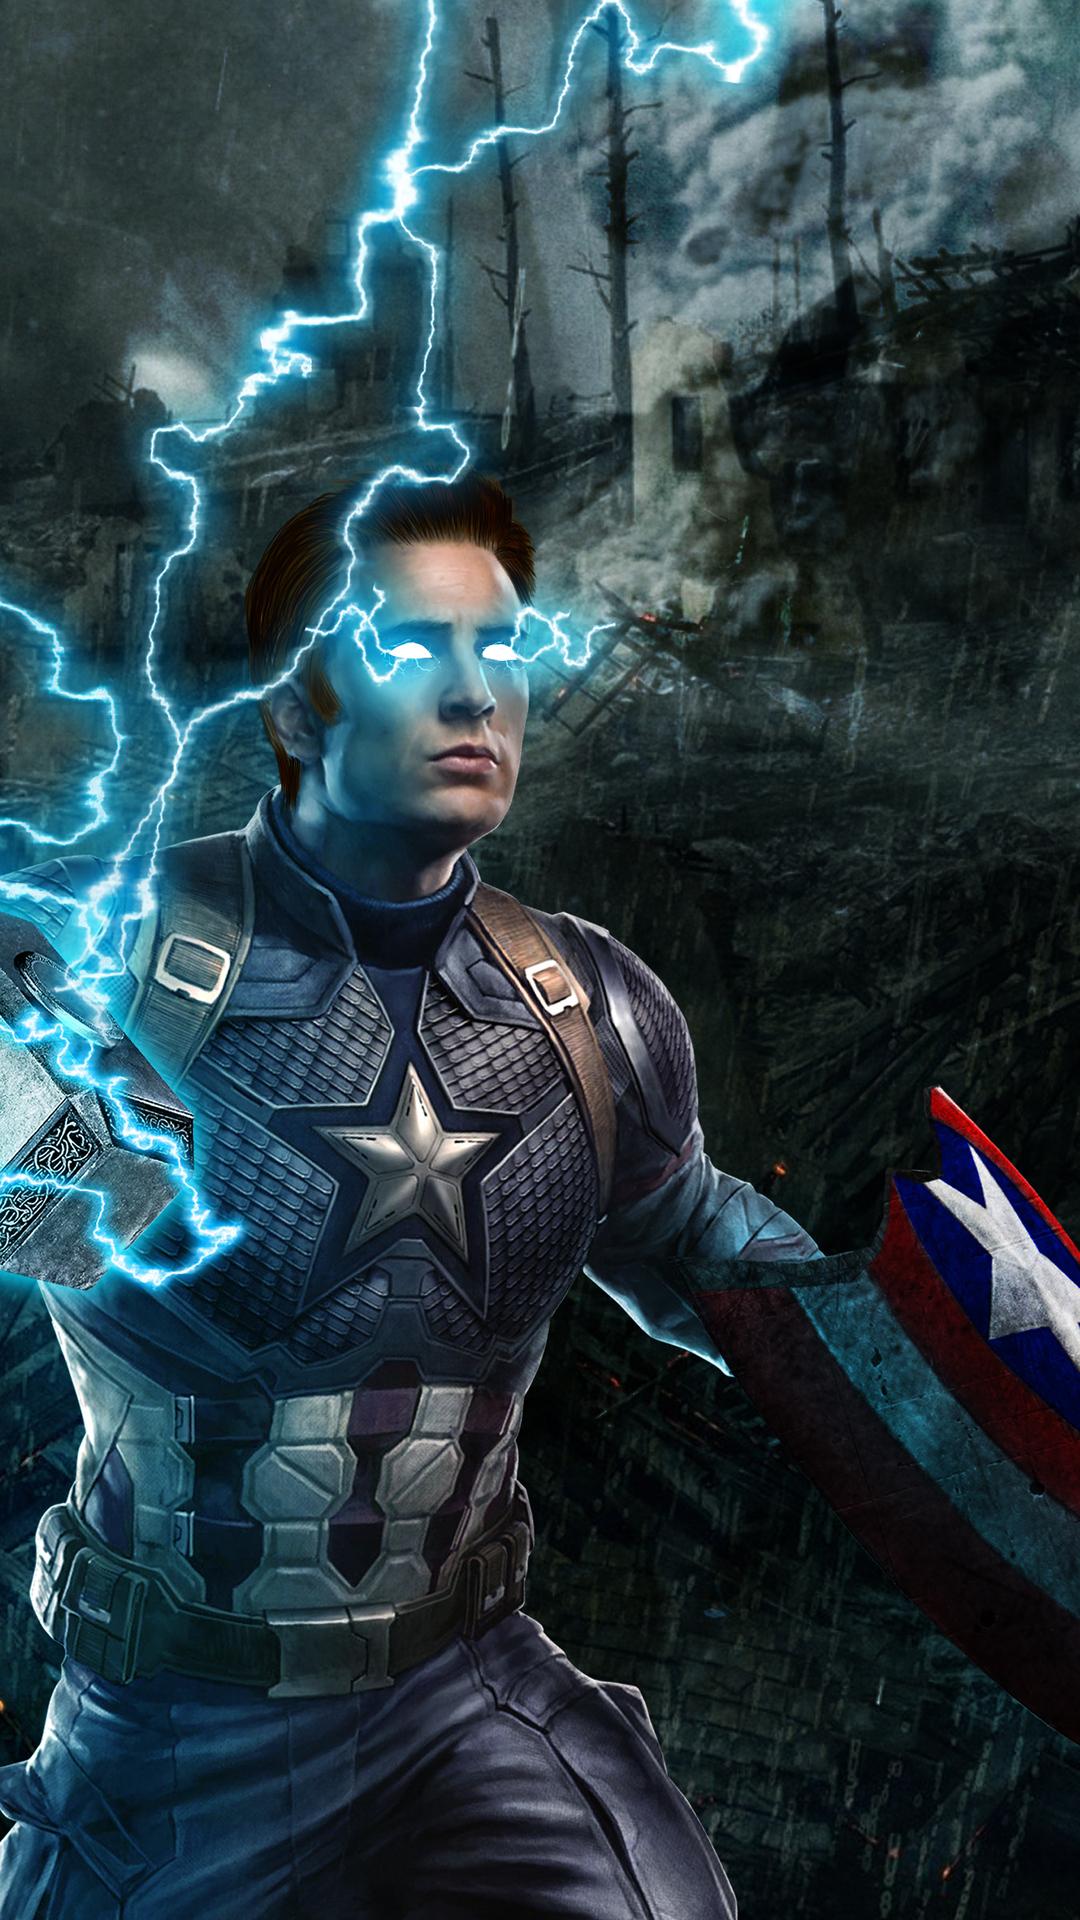 1080x1920 Captain America Mjolnir Avengers Endgame 4k Iphone 7 6s 6